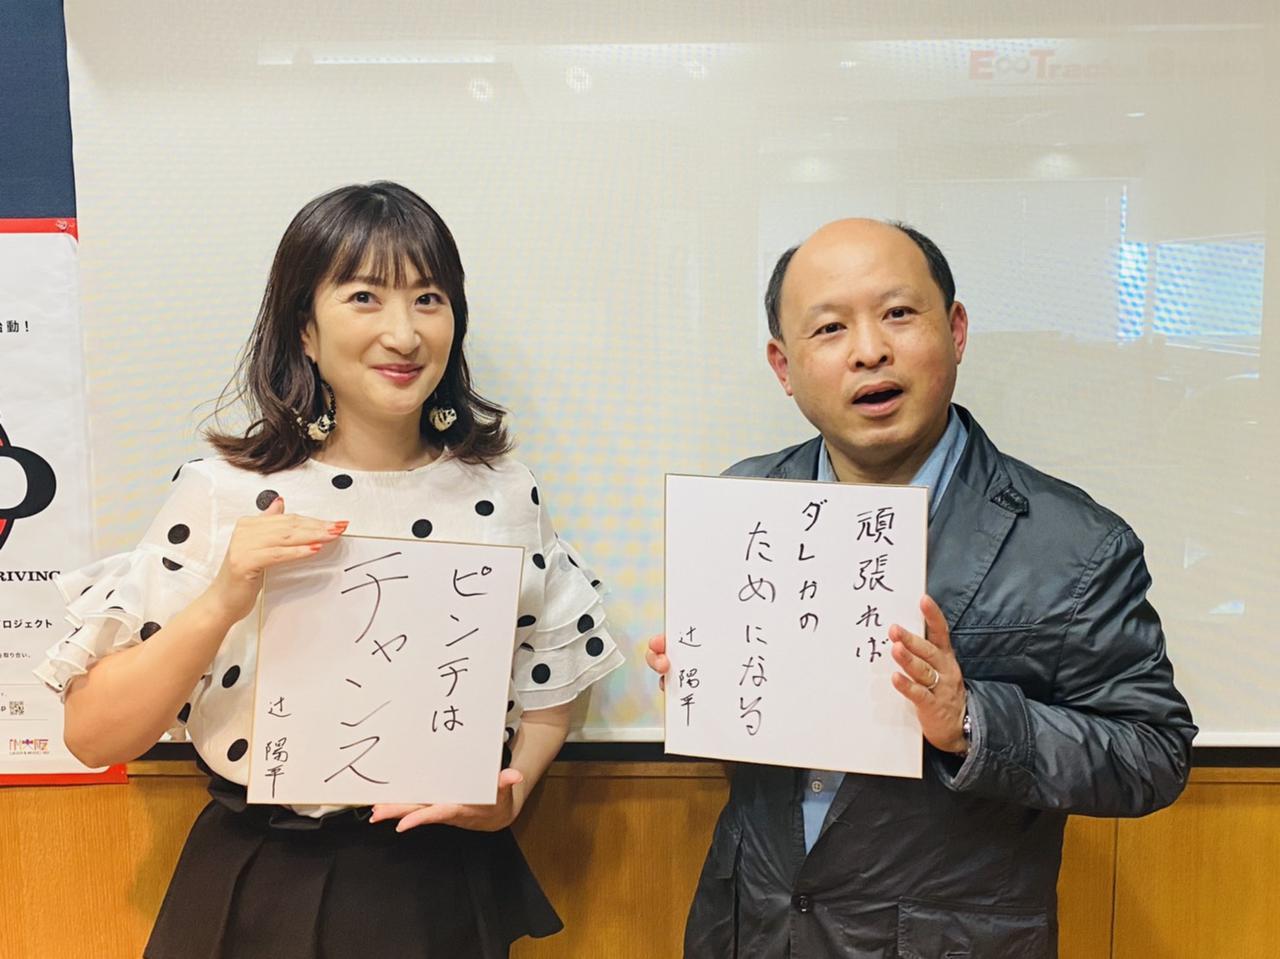 画像: 8/15(日) Game Changer #36 夢職人 辻社長の直筆色紙をプレゼント!